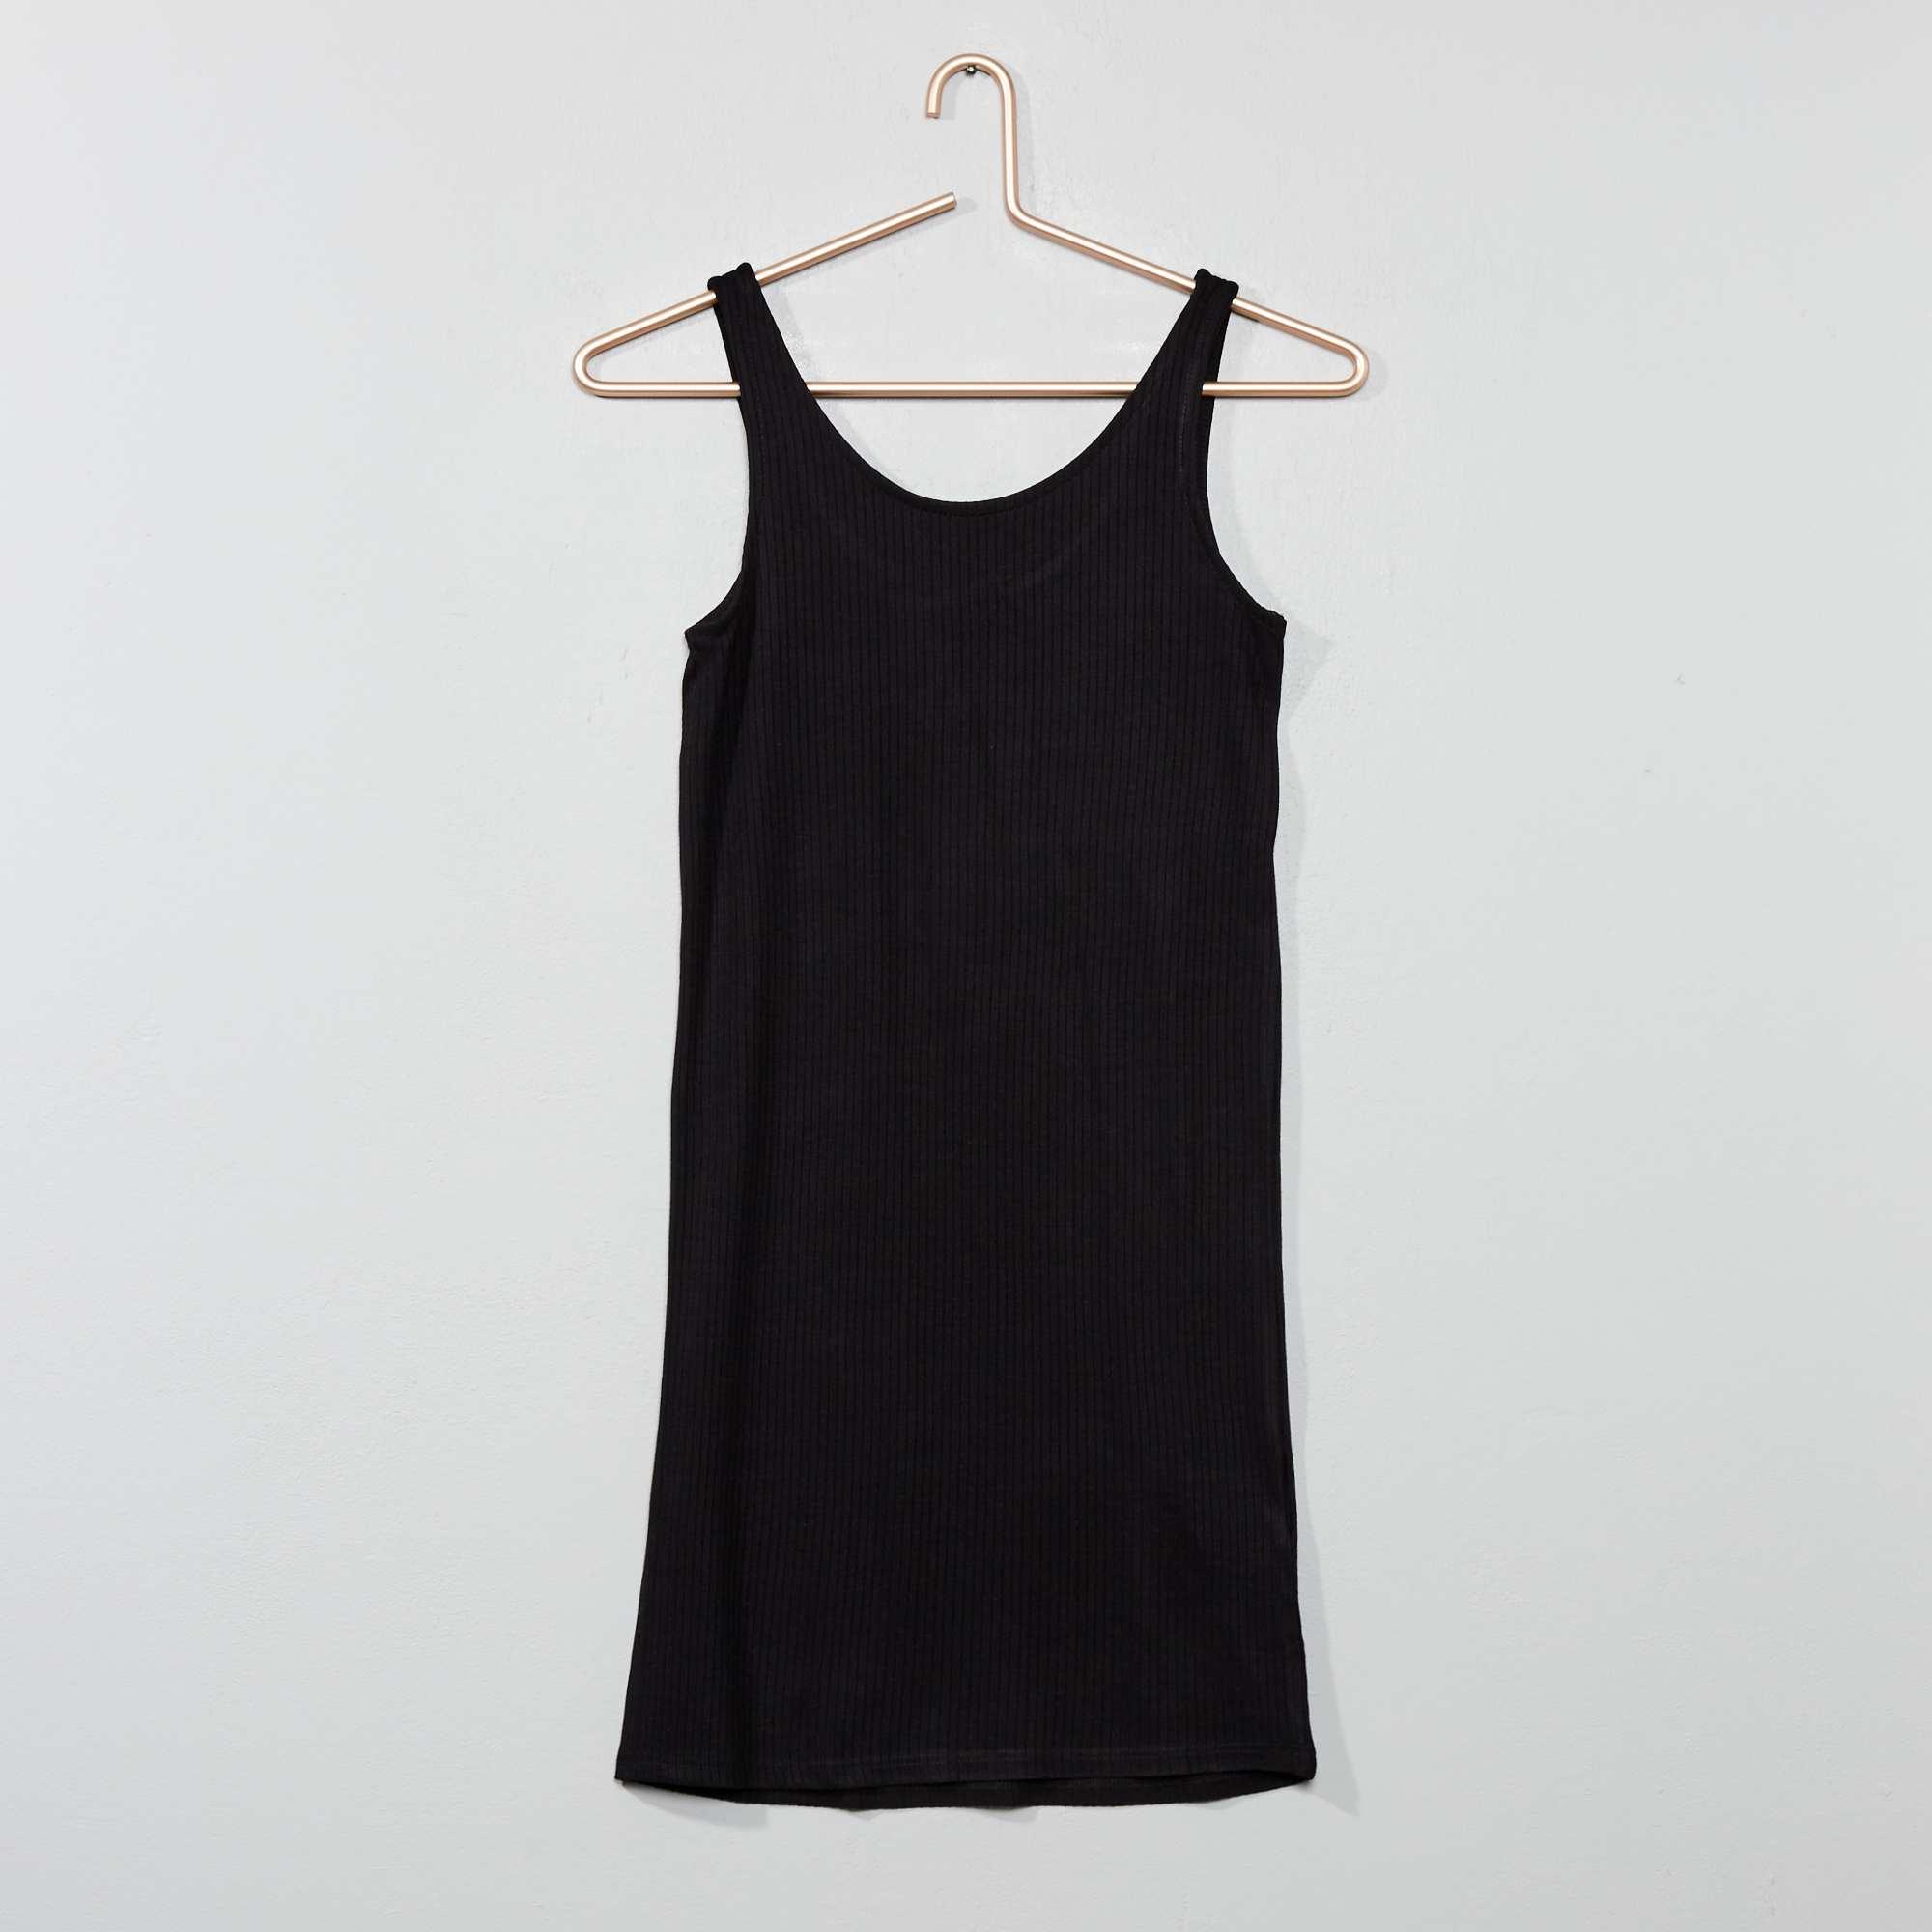 f73c204876b8cb Strakke jurk van ribstof Kinderkleding meisje - zwart - Kiabi - 10